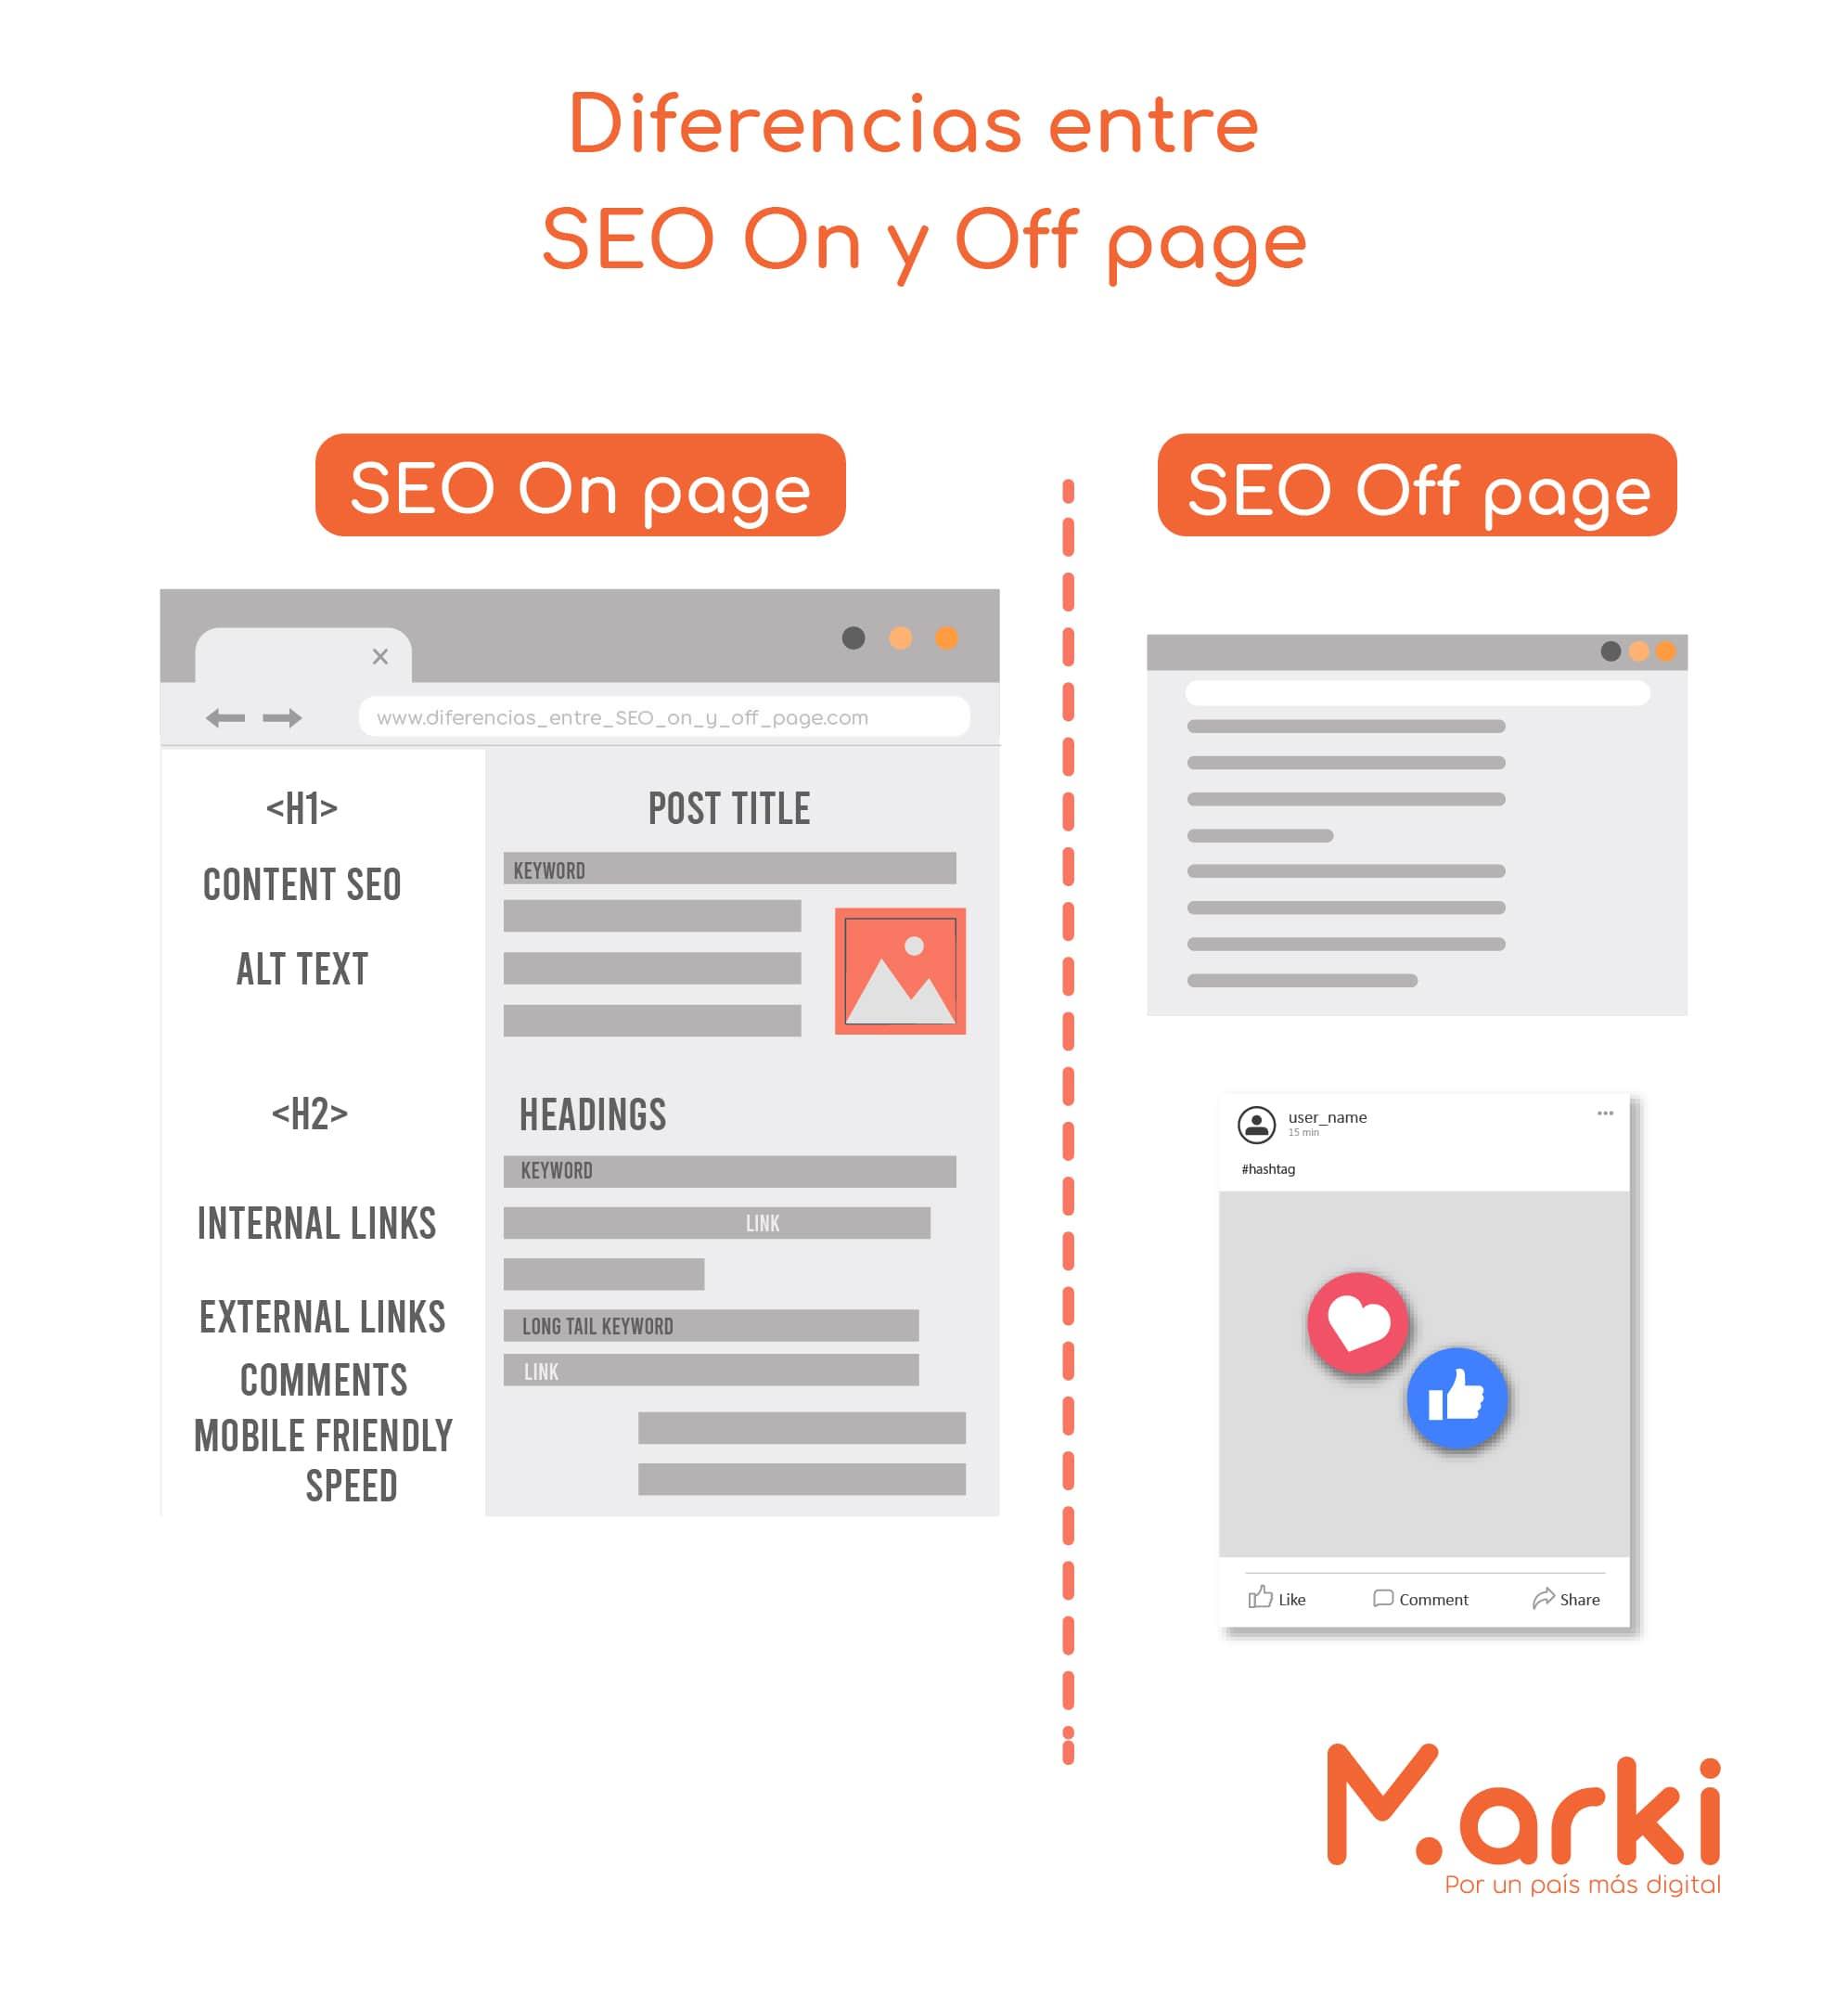 seo on page y seo off page seo que es y como funciona seo como funciona mejorar posicionamiento web que significa seo en marketing digital como funciona el seo marki diseño marki voluntariado marki